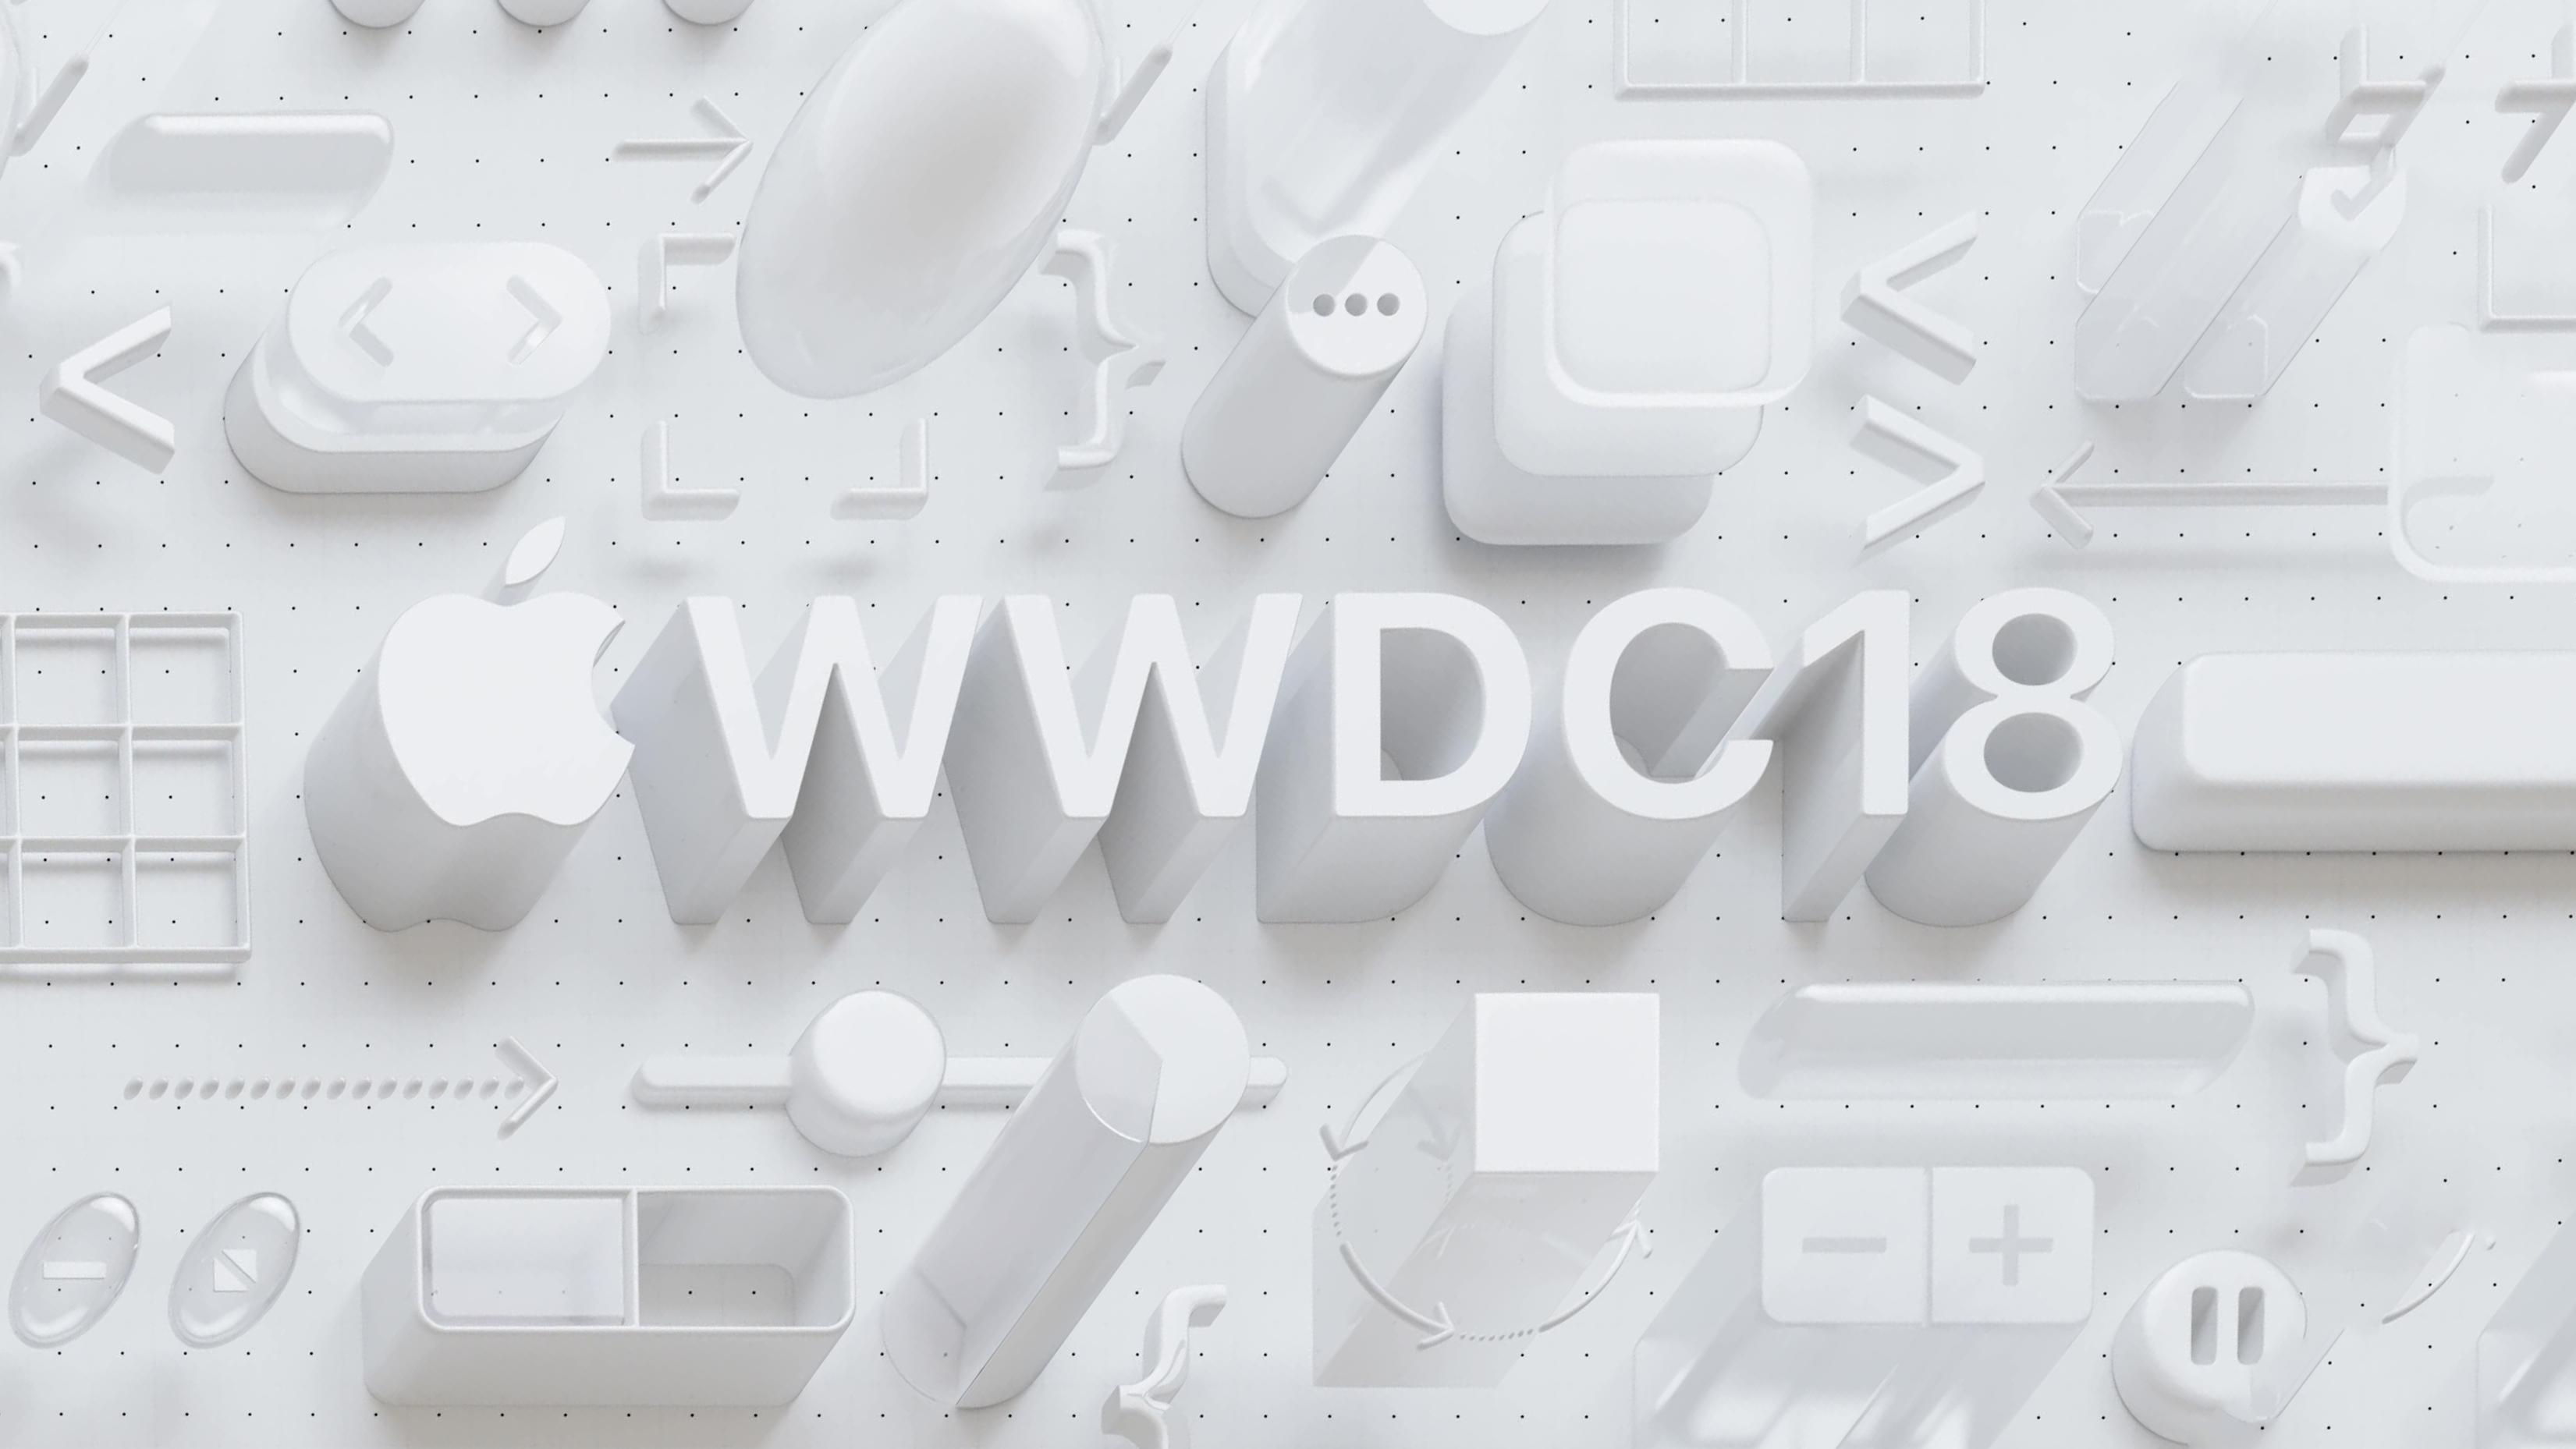 زمان برگزاری بیست و نهمین کنفرانس توسعه دهندگان اپل اعلام شد